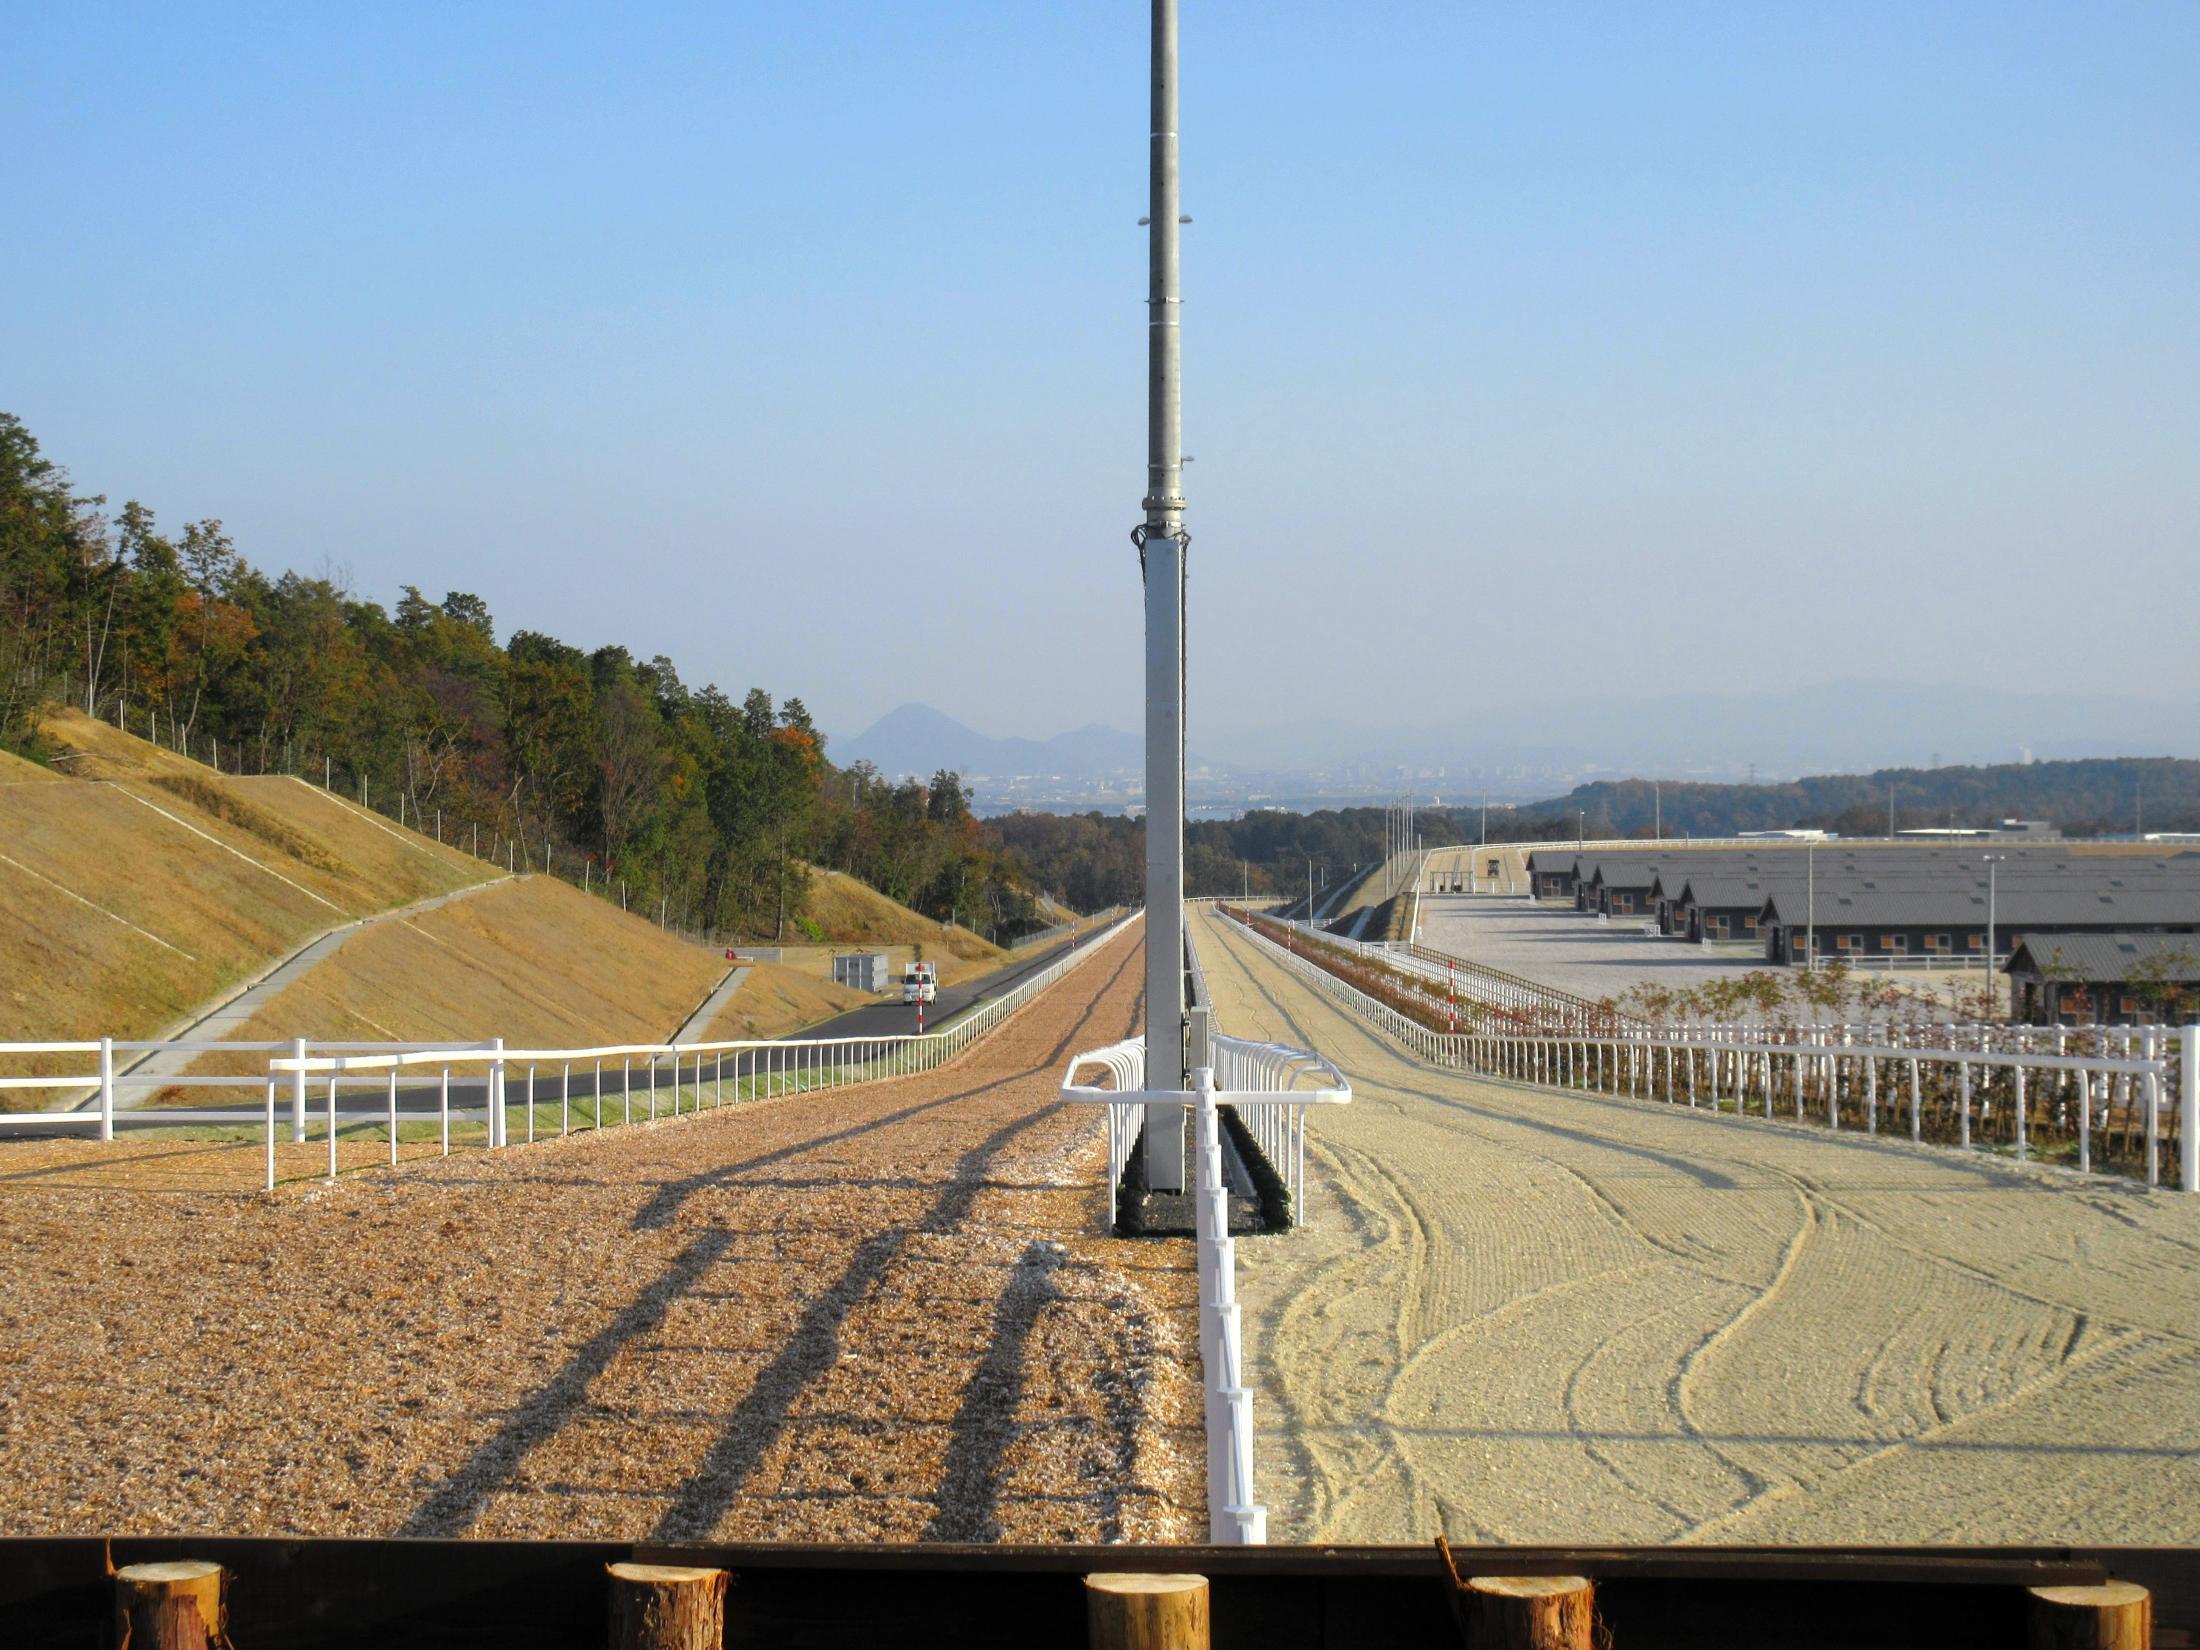 チャンピオンヒルズ自慢の真っすぐに伸びる坂路。左がウッドチップで、右がフェルトダート